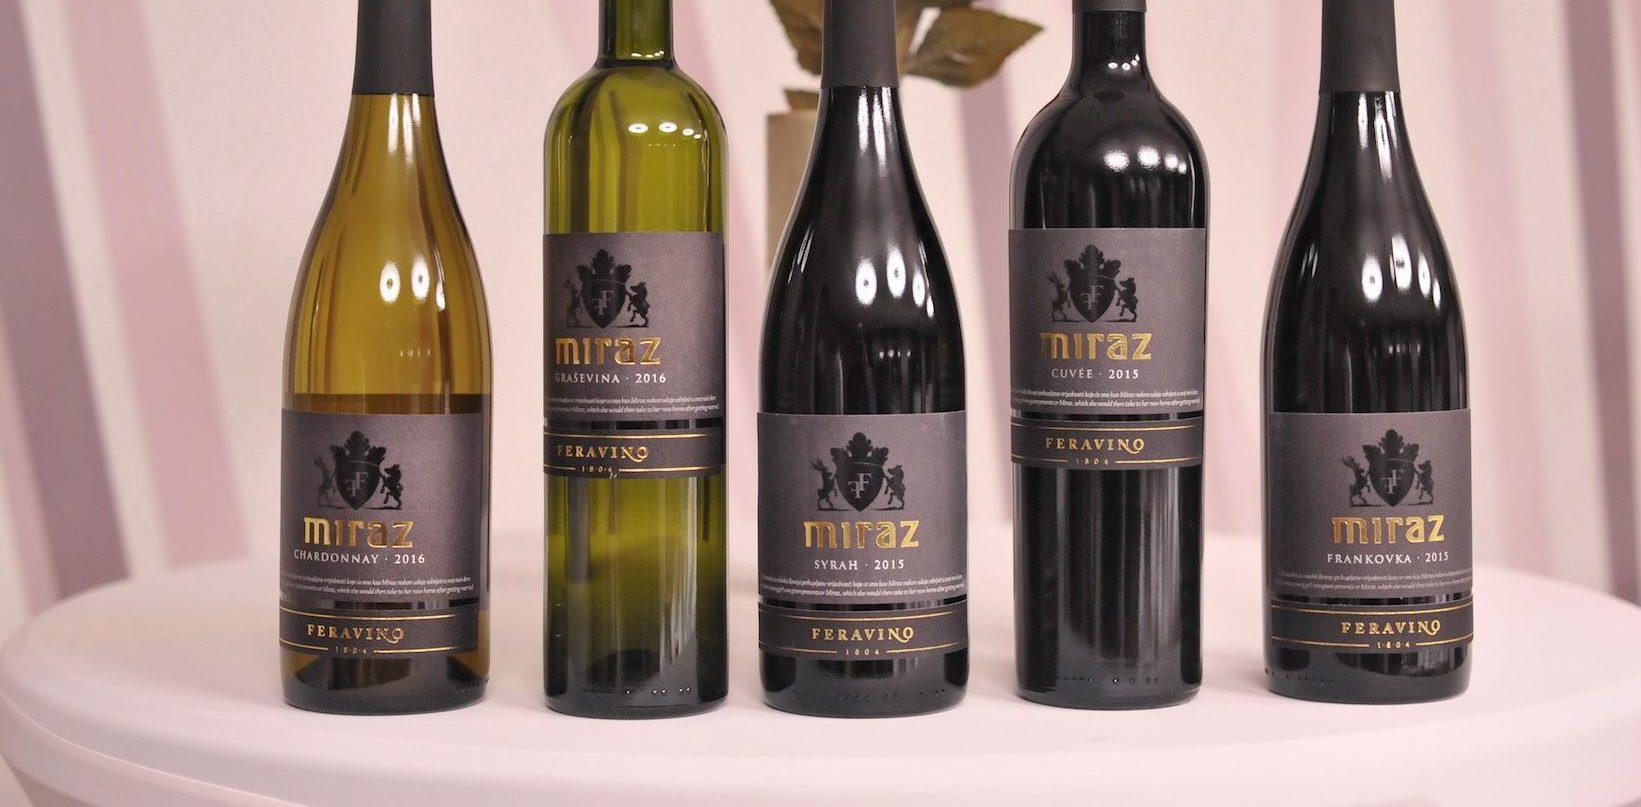 FOTO: Feravino predstavilo novu etiketu i vina iz premium linije Miraz